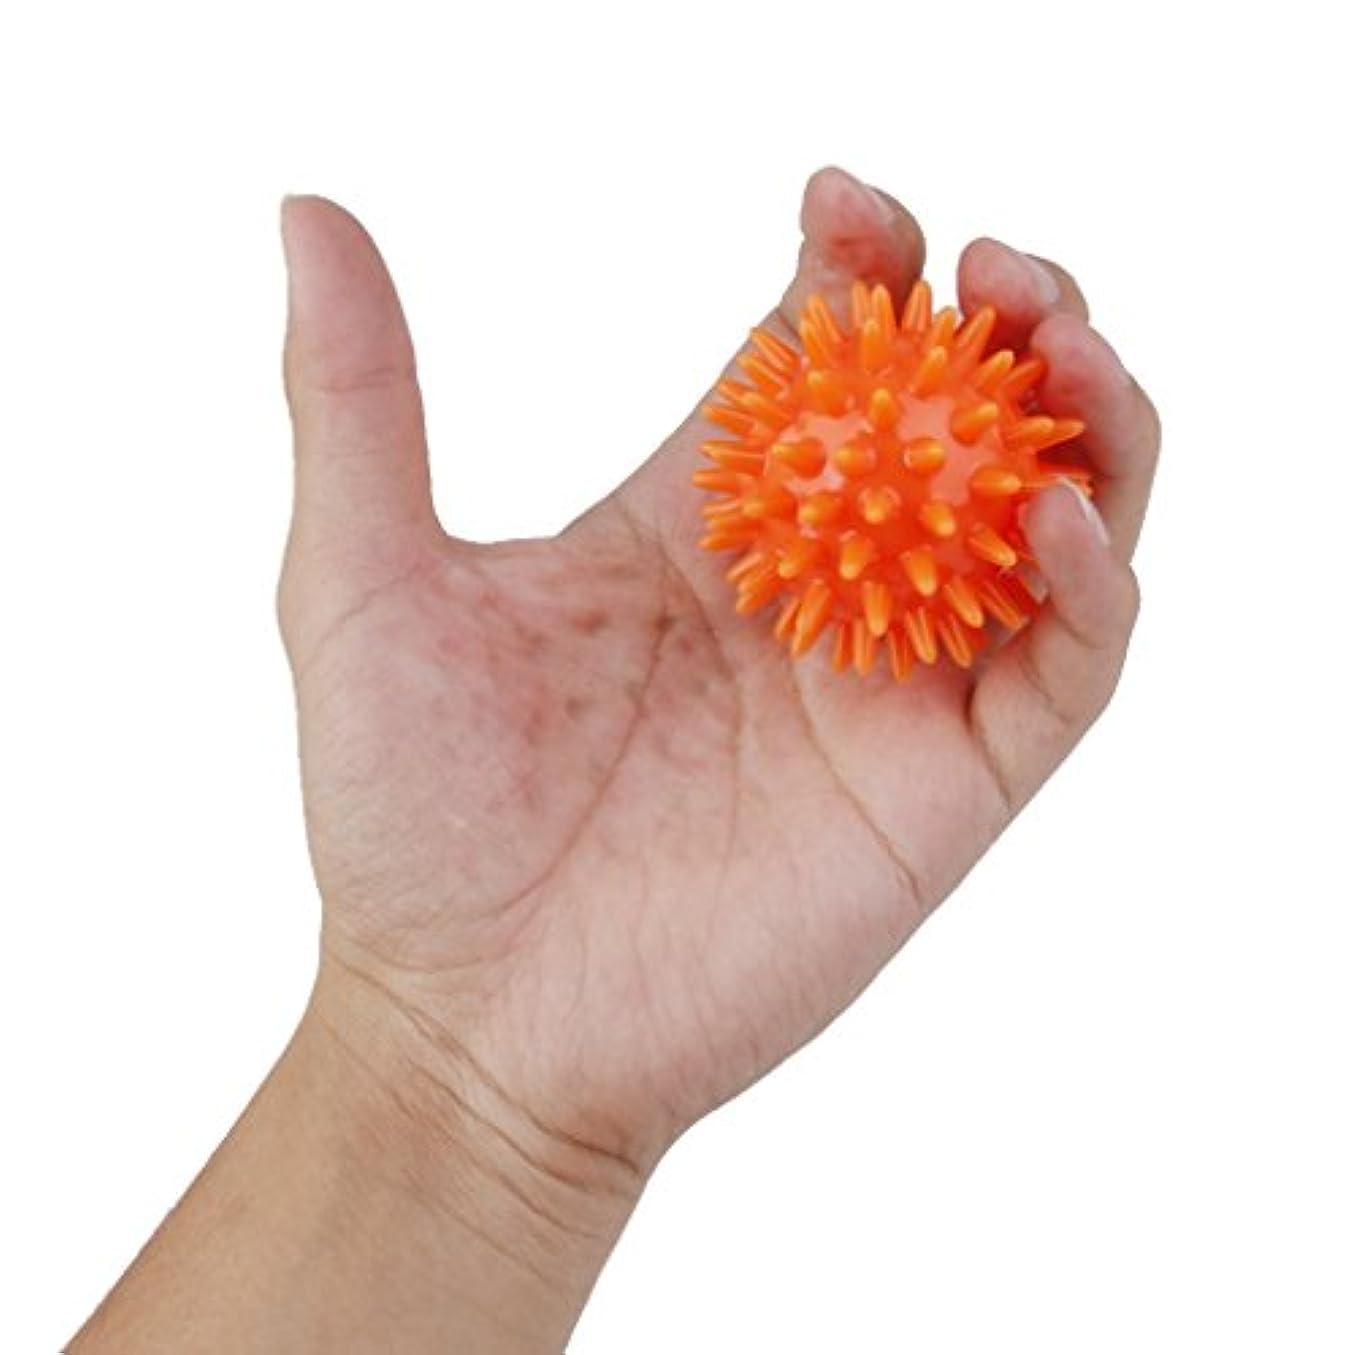 ピンポイント安息同僚Baosity マッサージボール 手のひら 足 腕 首 背中 足首 ダーク フック側 マッサージ 疲れ 緩和 オレンジ